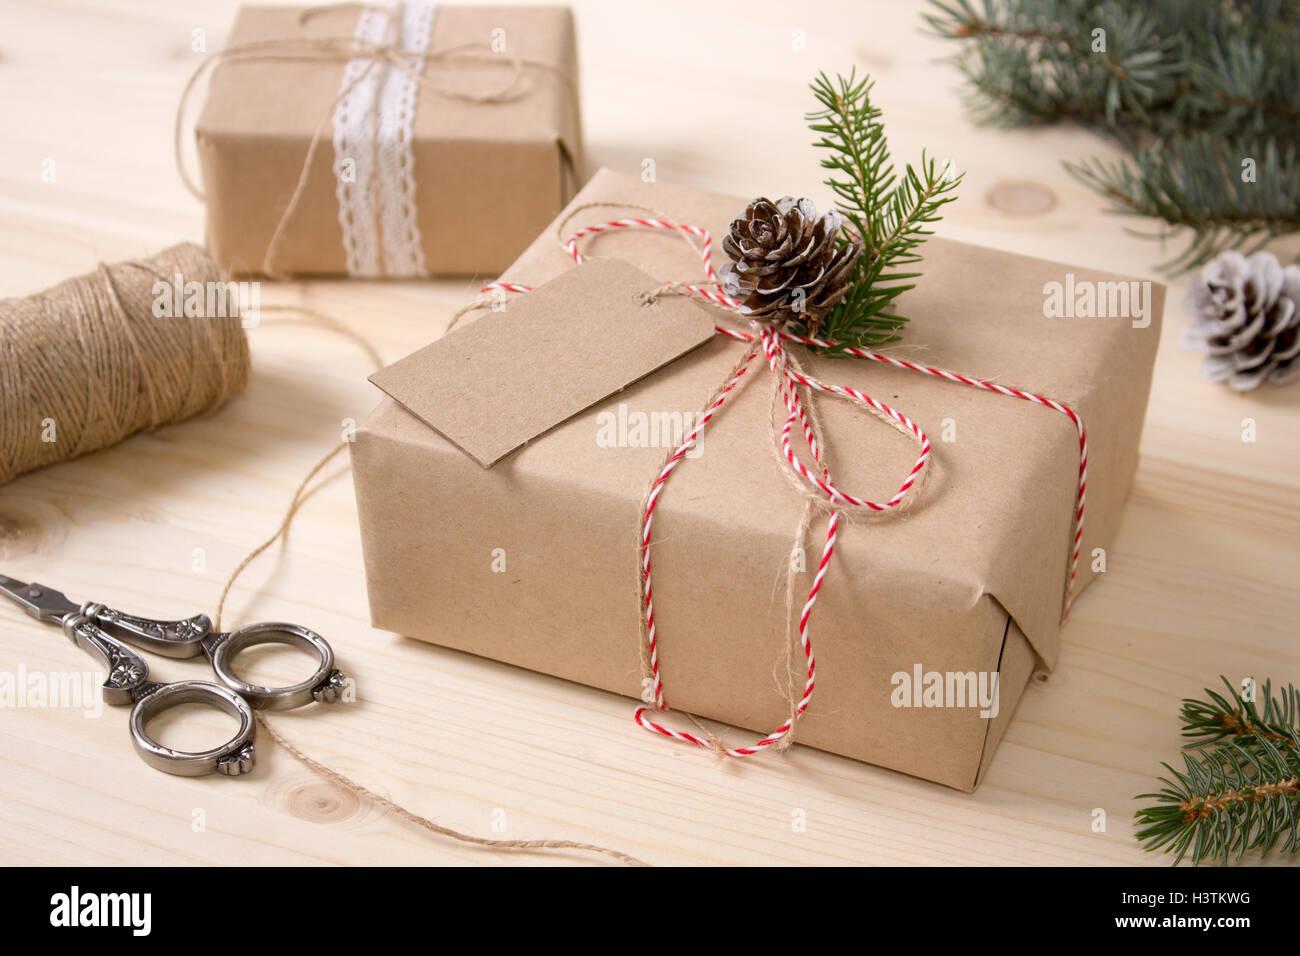 Weihnachten Geschenk Box mit Mock-up-Tag. Fertige Gegenstände ...